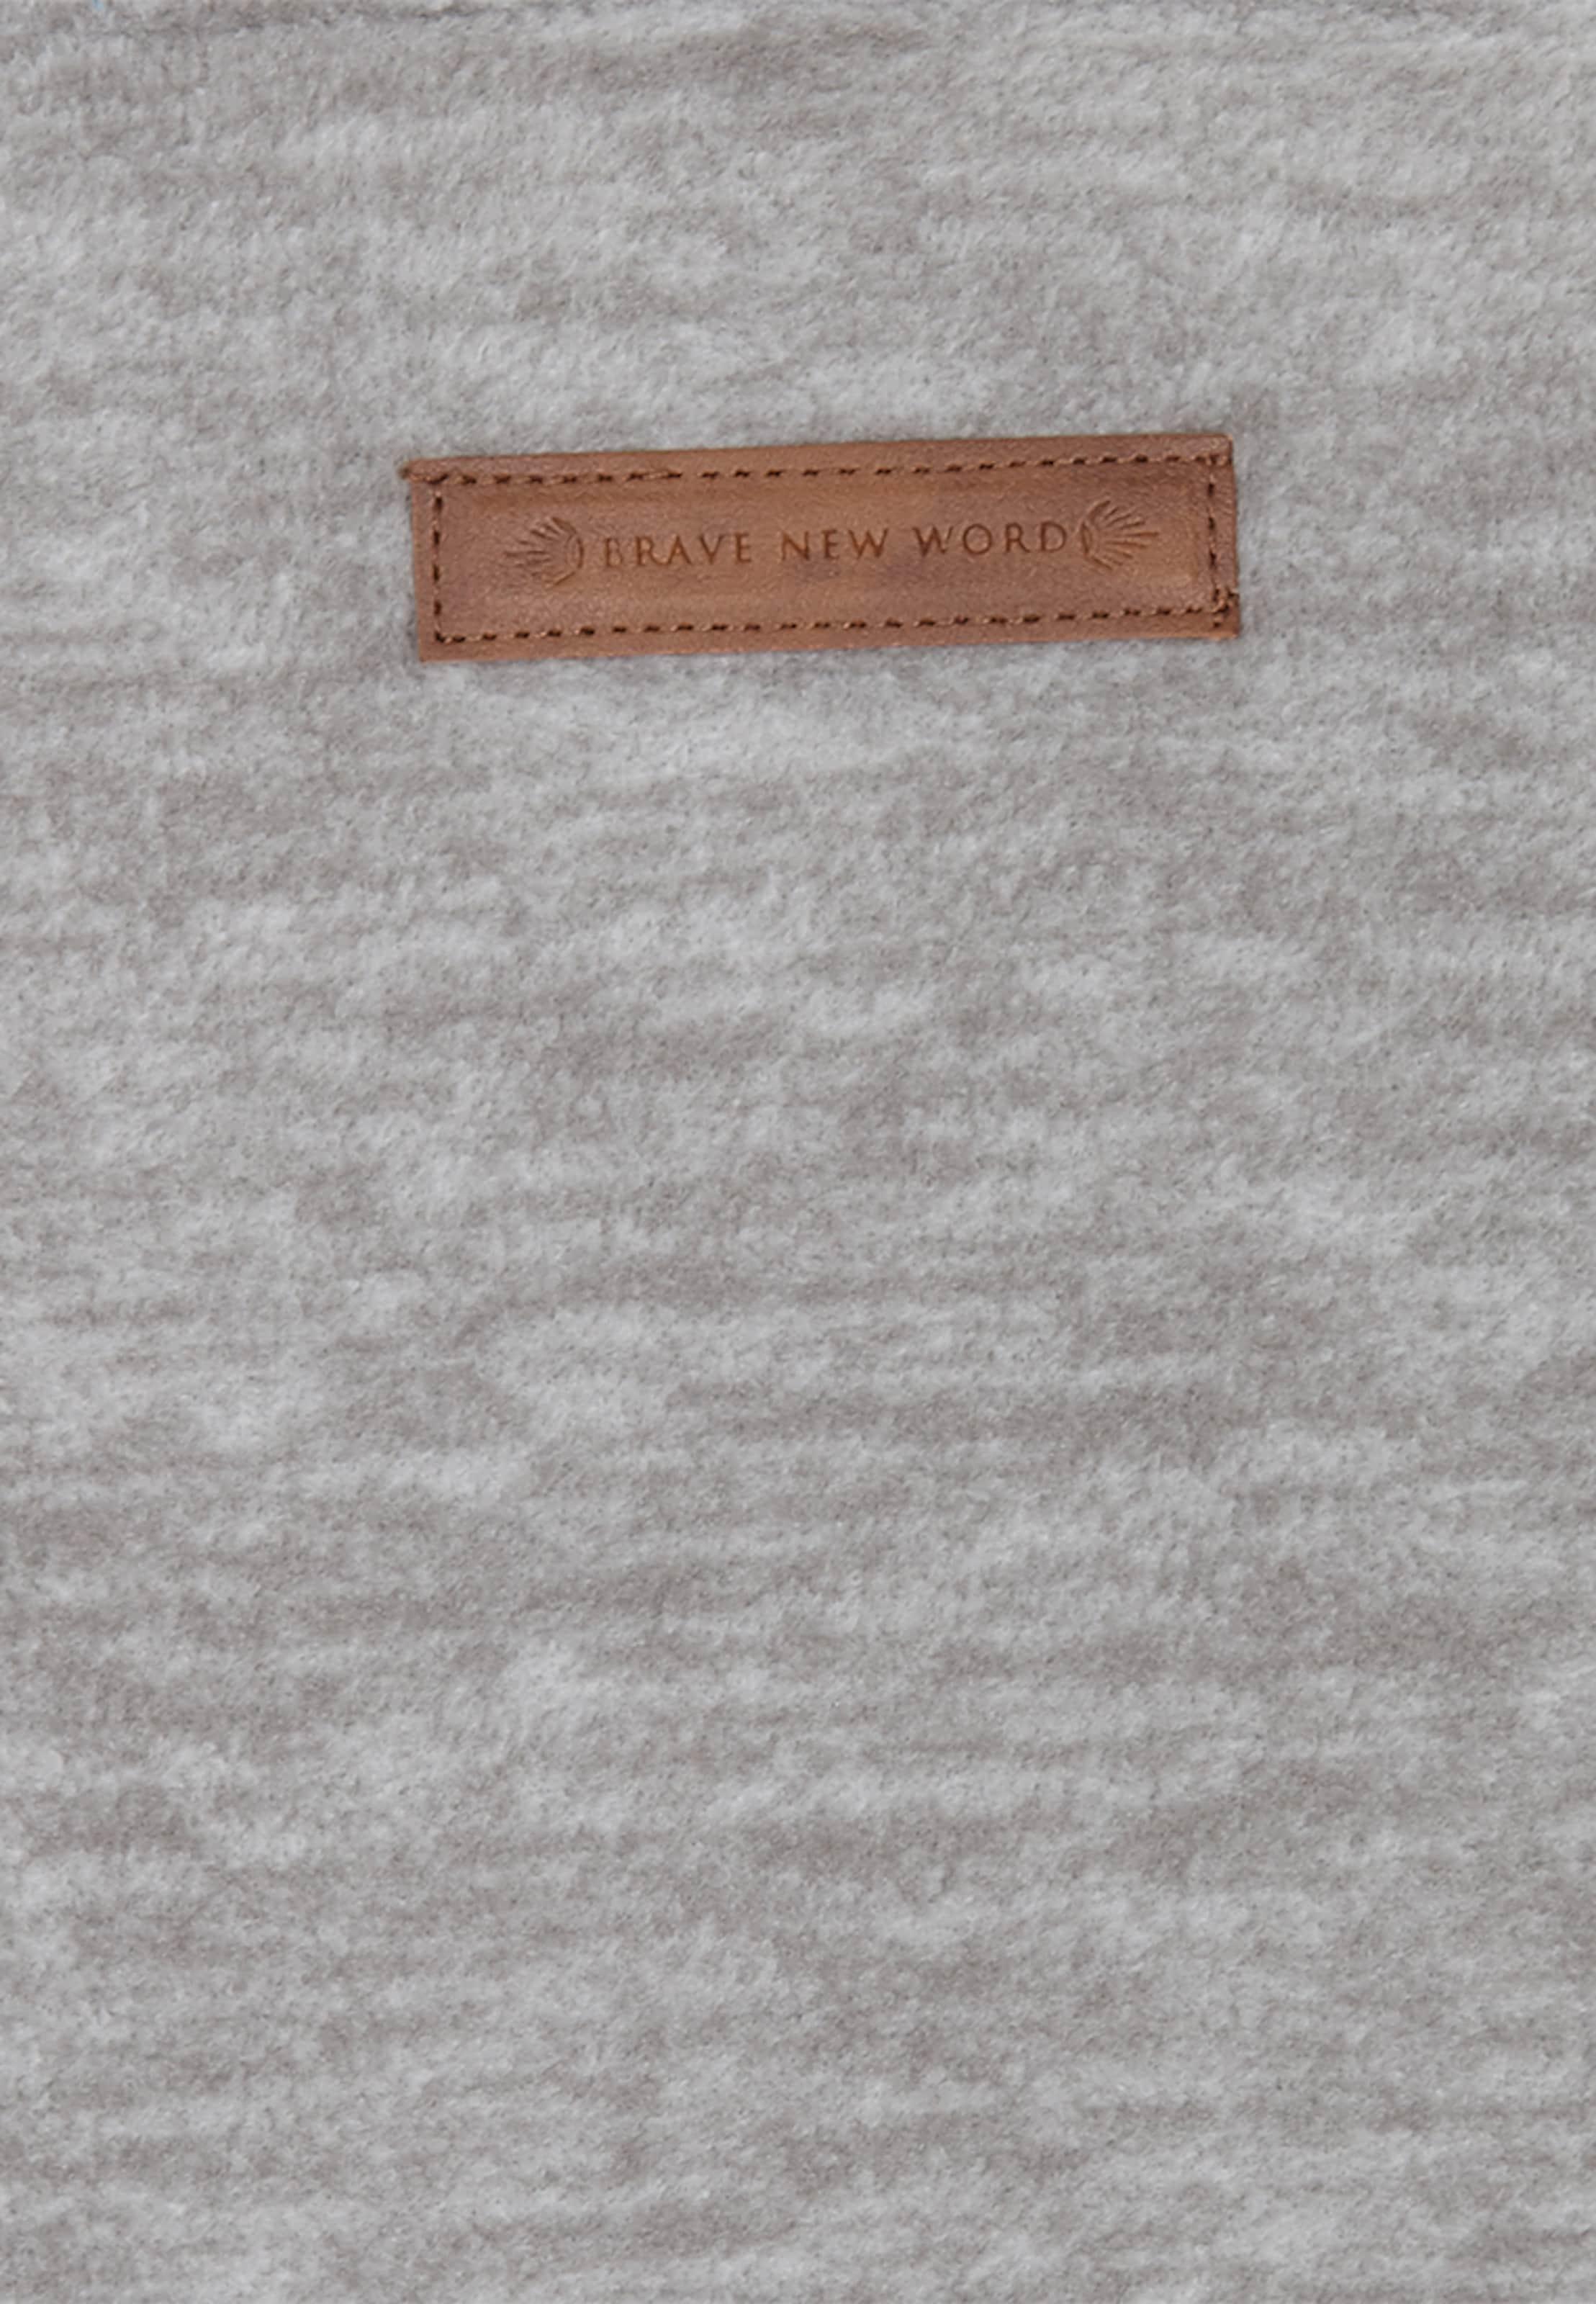 Billig Verkauf Niedriger Preis Perfekt naketano Fleecehoodie Für Billig Günstig Online Ebay Zum Verkauf Top-Qualität Günstiger Preis m03AY